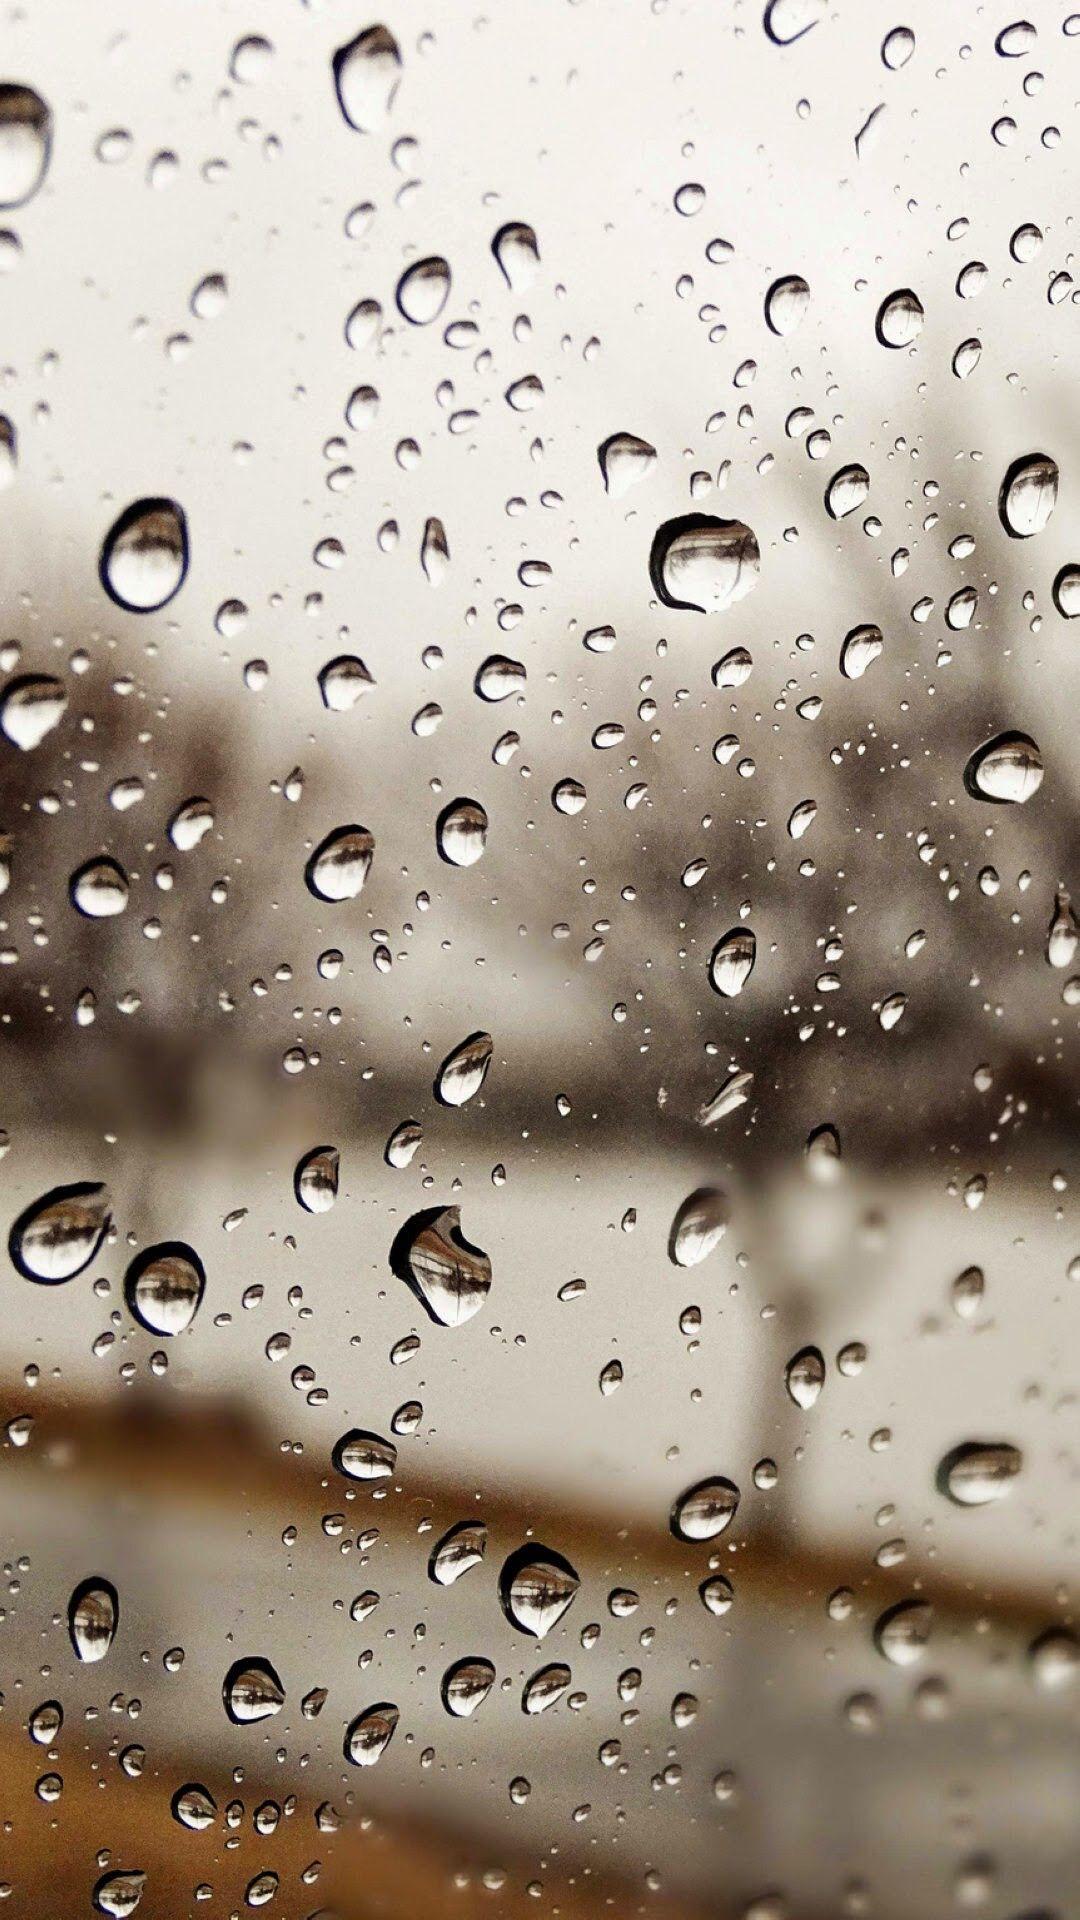 Wallpaper Of Rainwater Drops On Window Glass Wallpaper